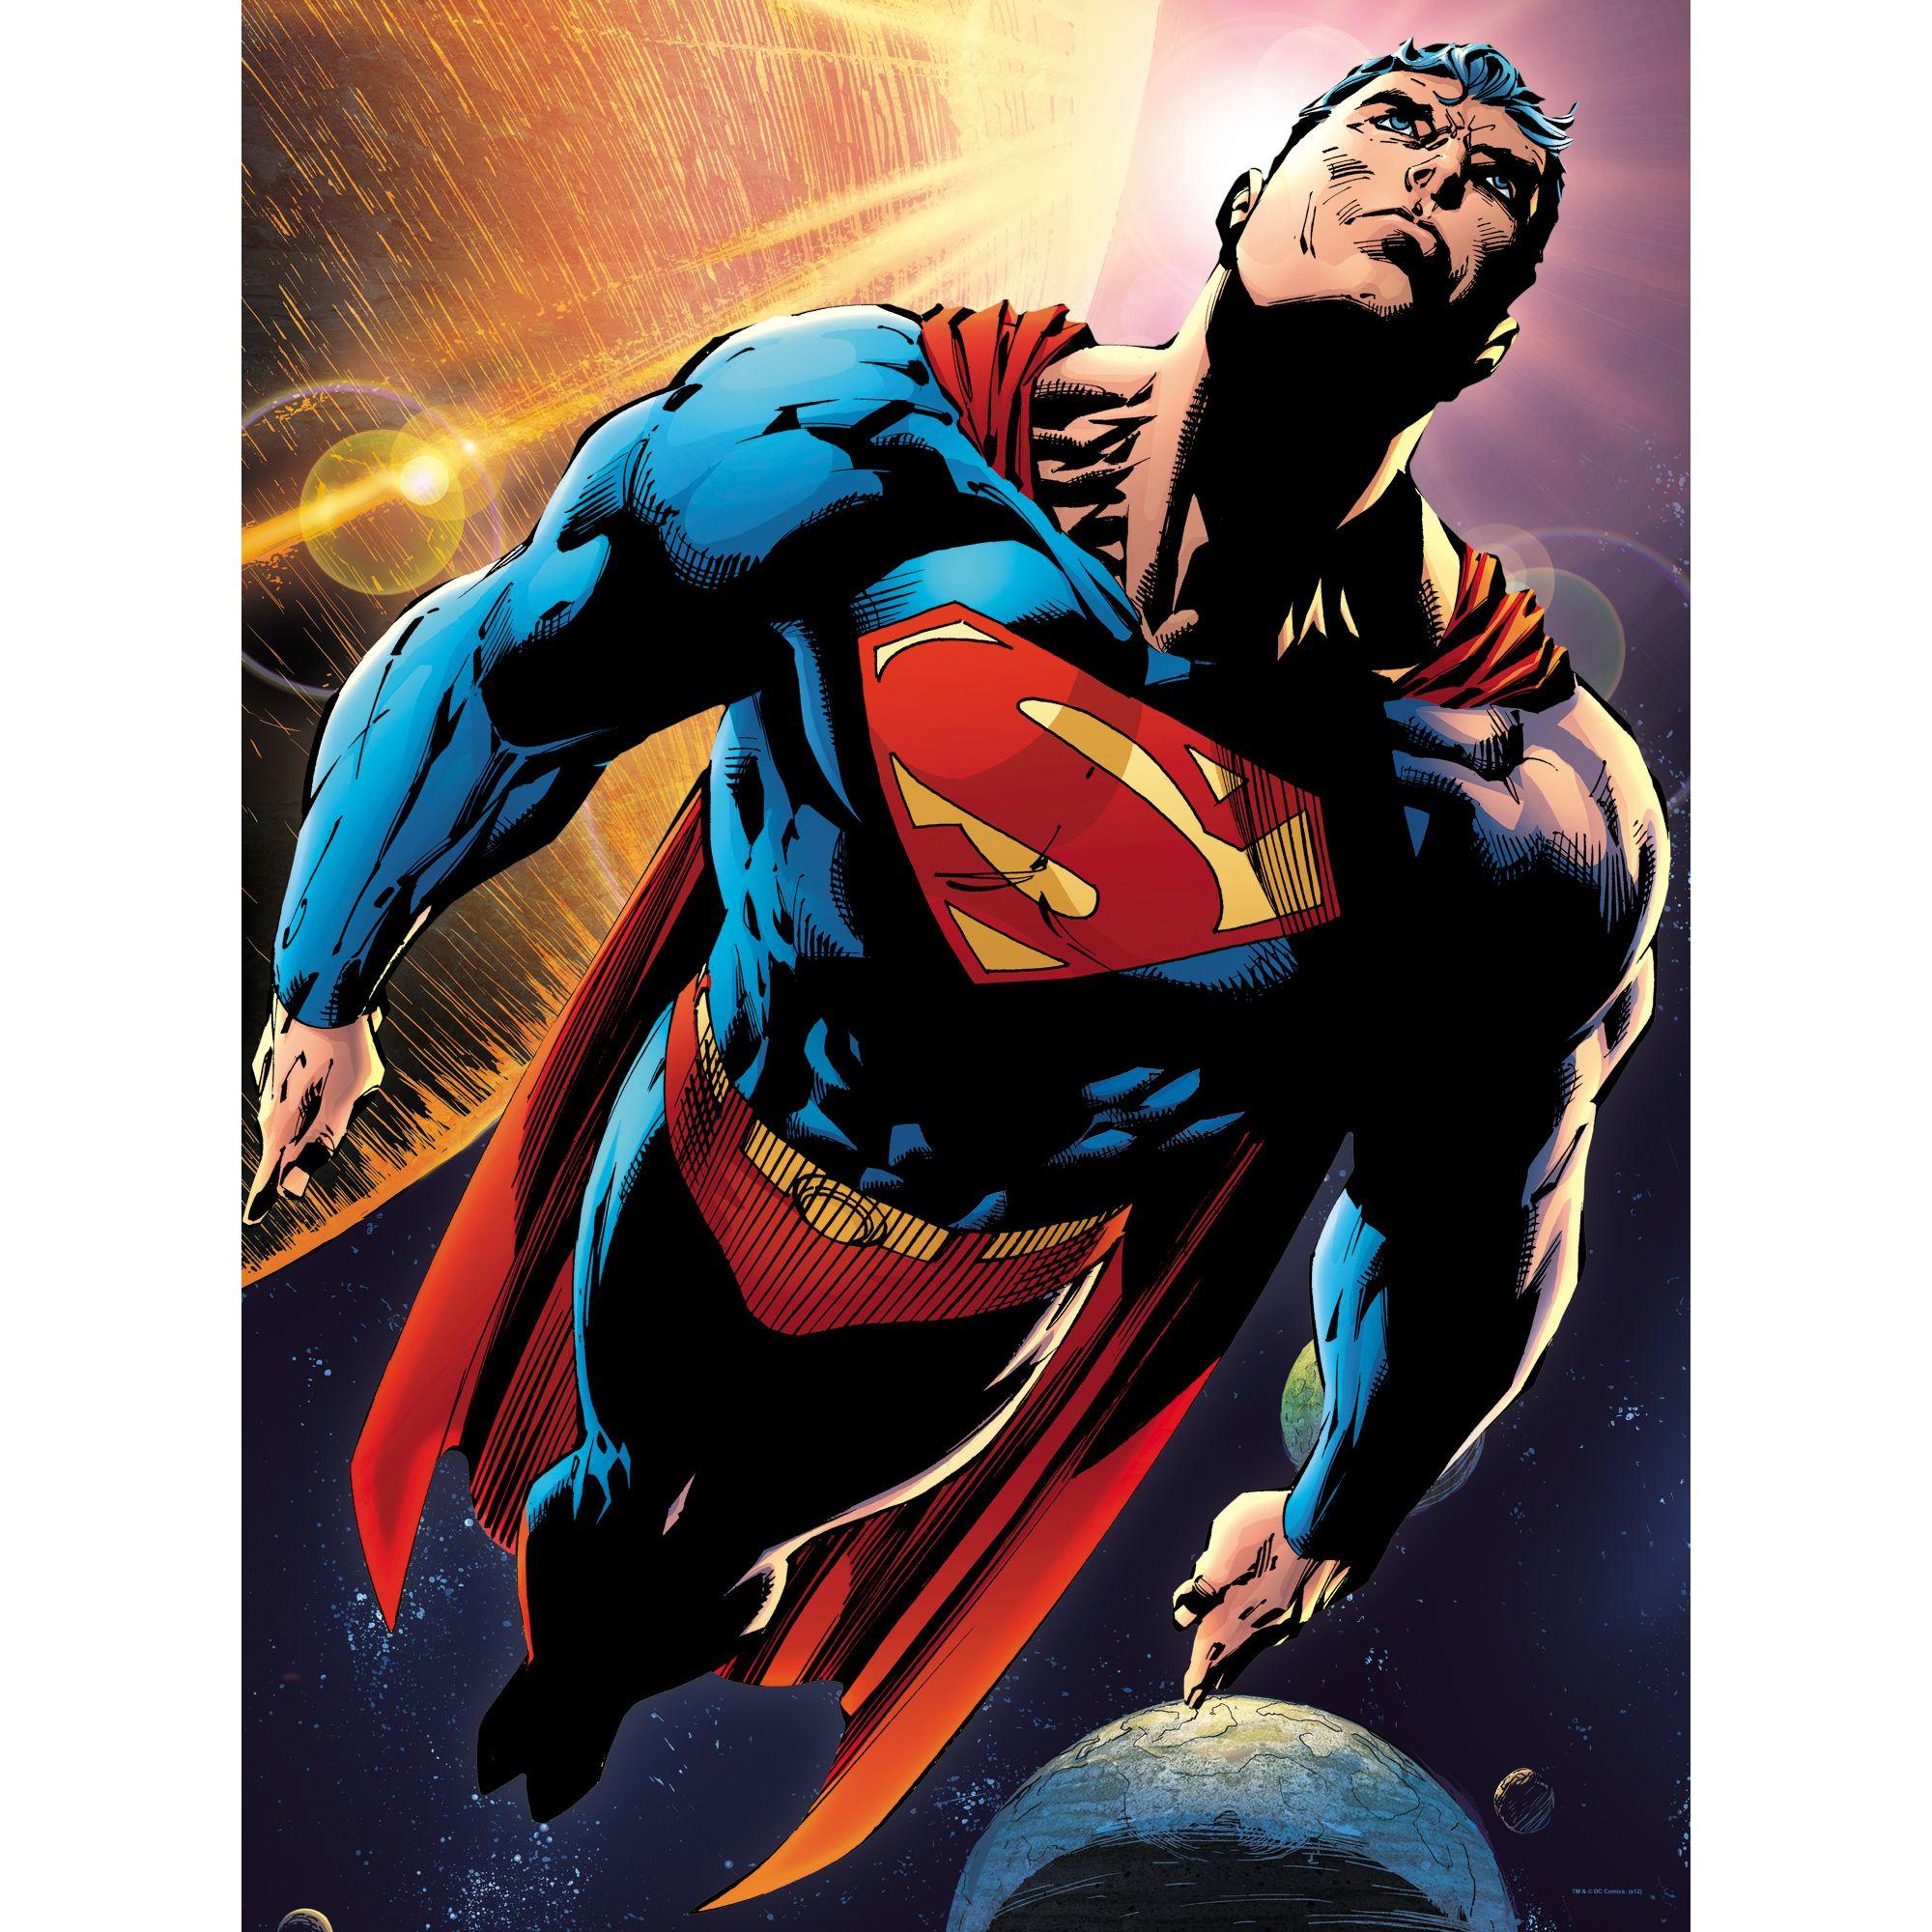 Pin Oleh Desiree Finegan Di Superman Hiburan